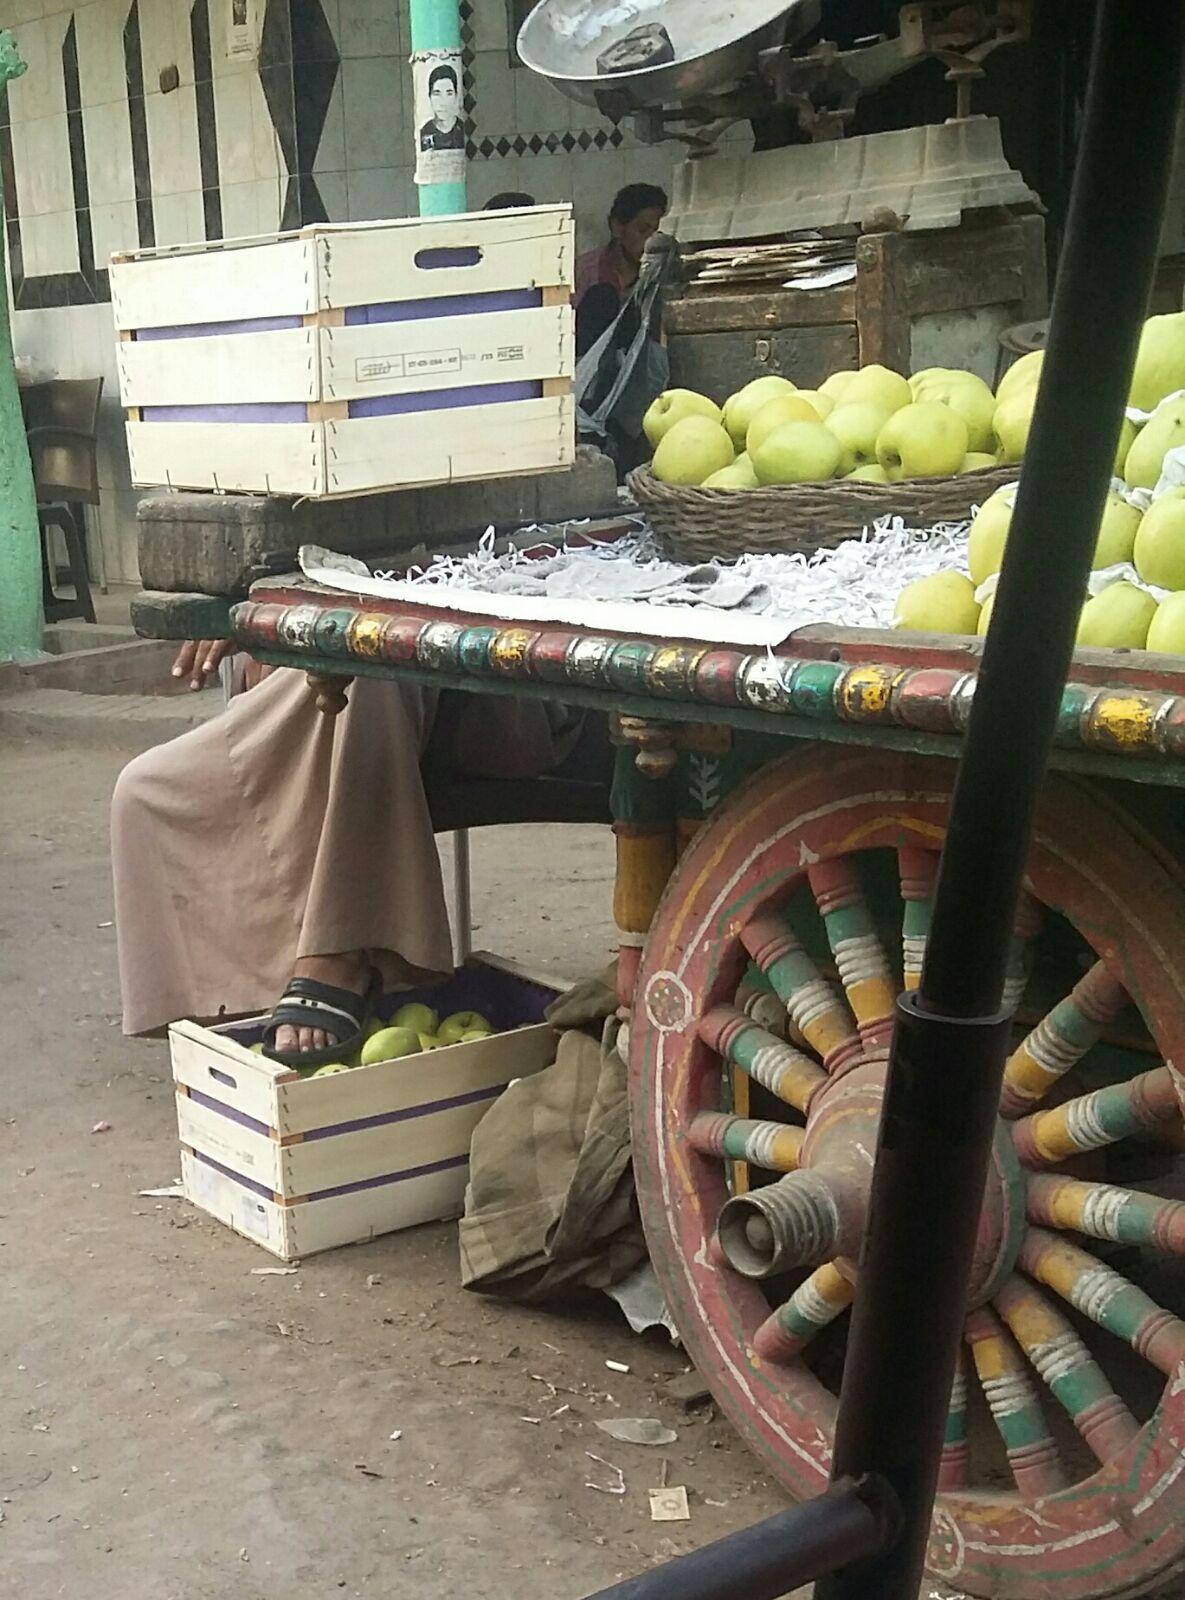 صورة.. بائع متجول يضع قدمه على ثمرات الفاكهة قبل بيعها للمواطنين